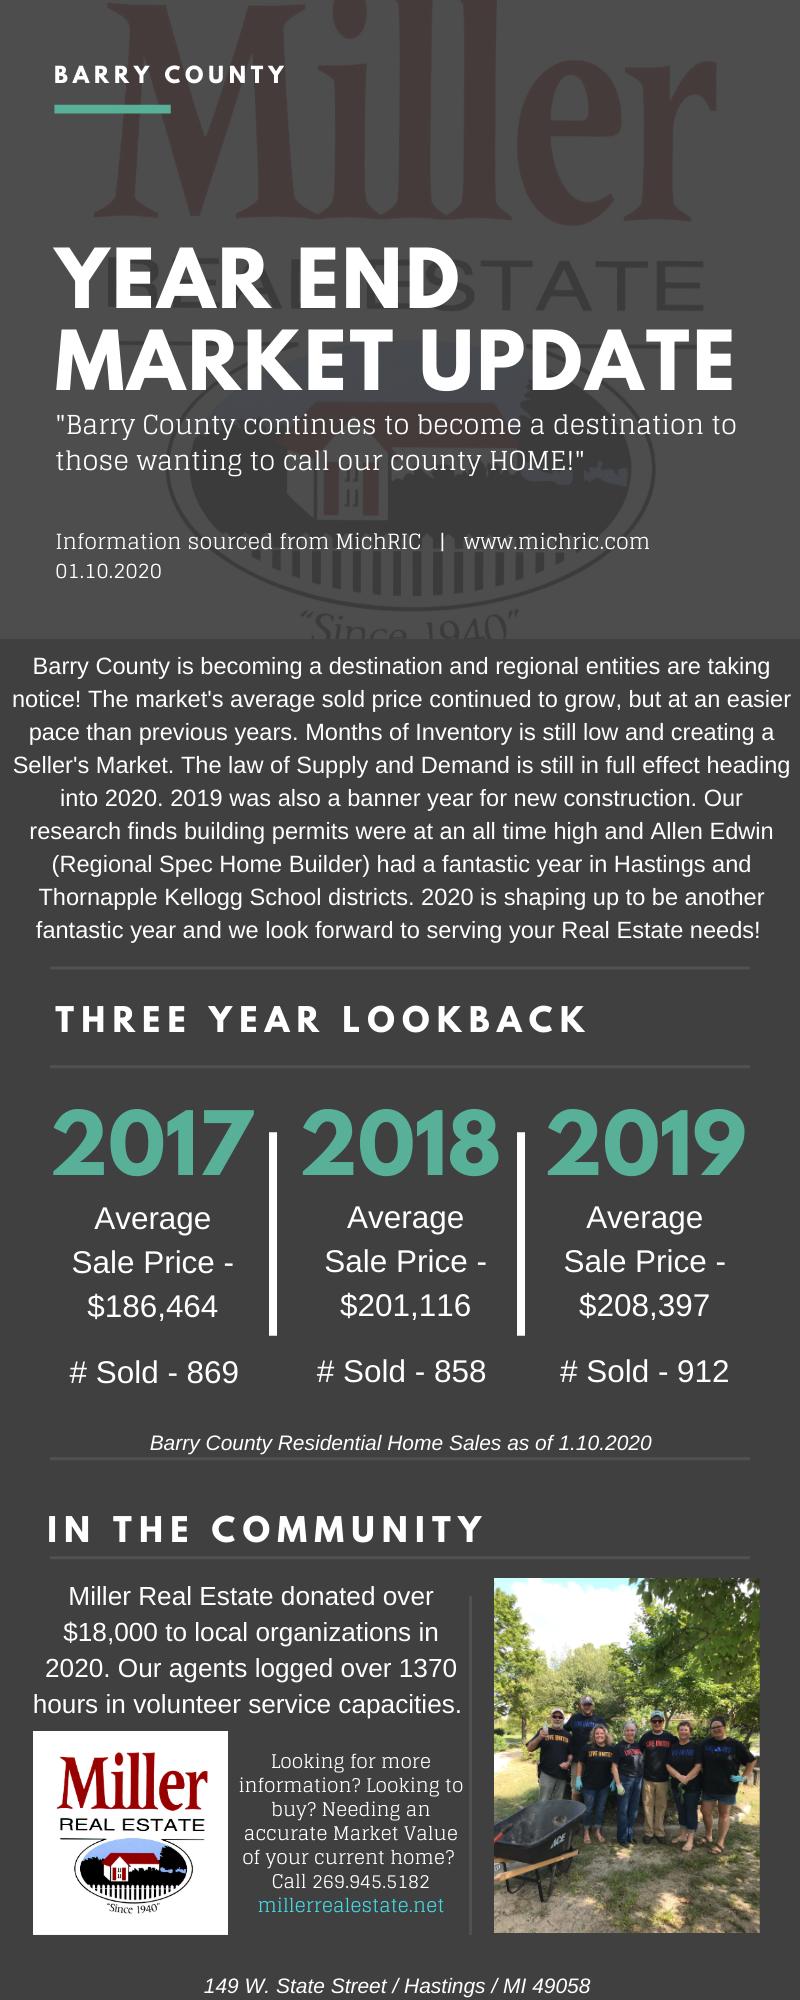 Year End Market Update 2019